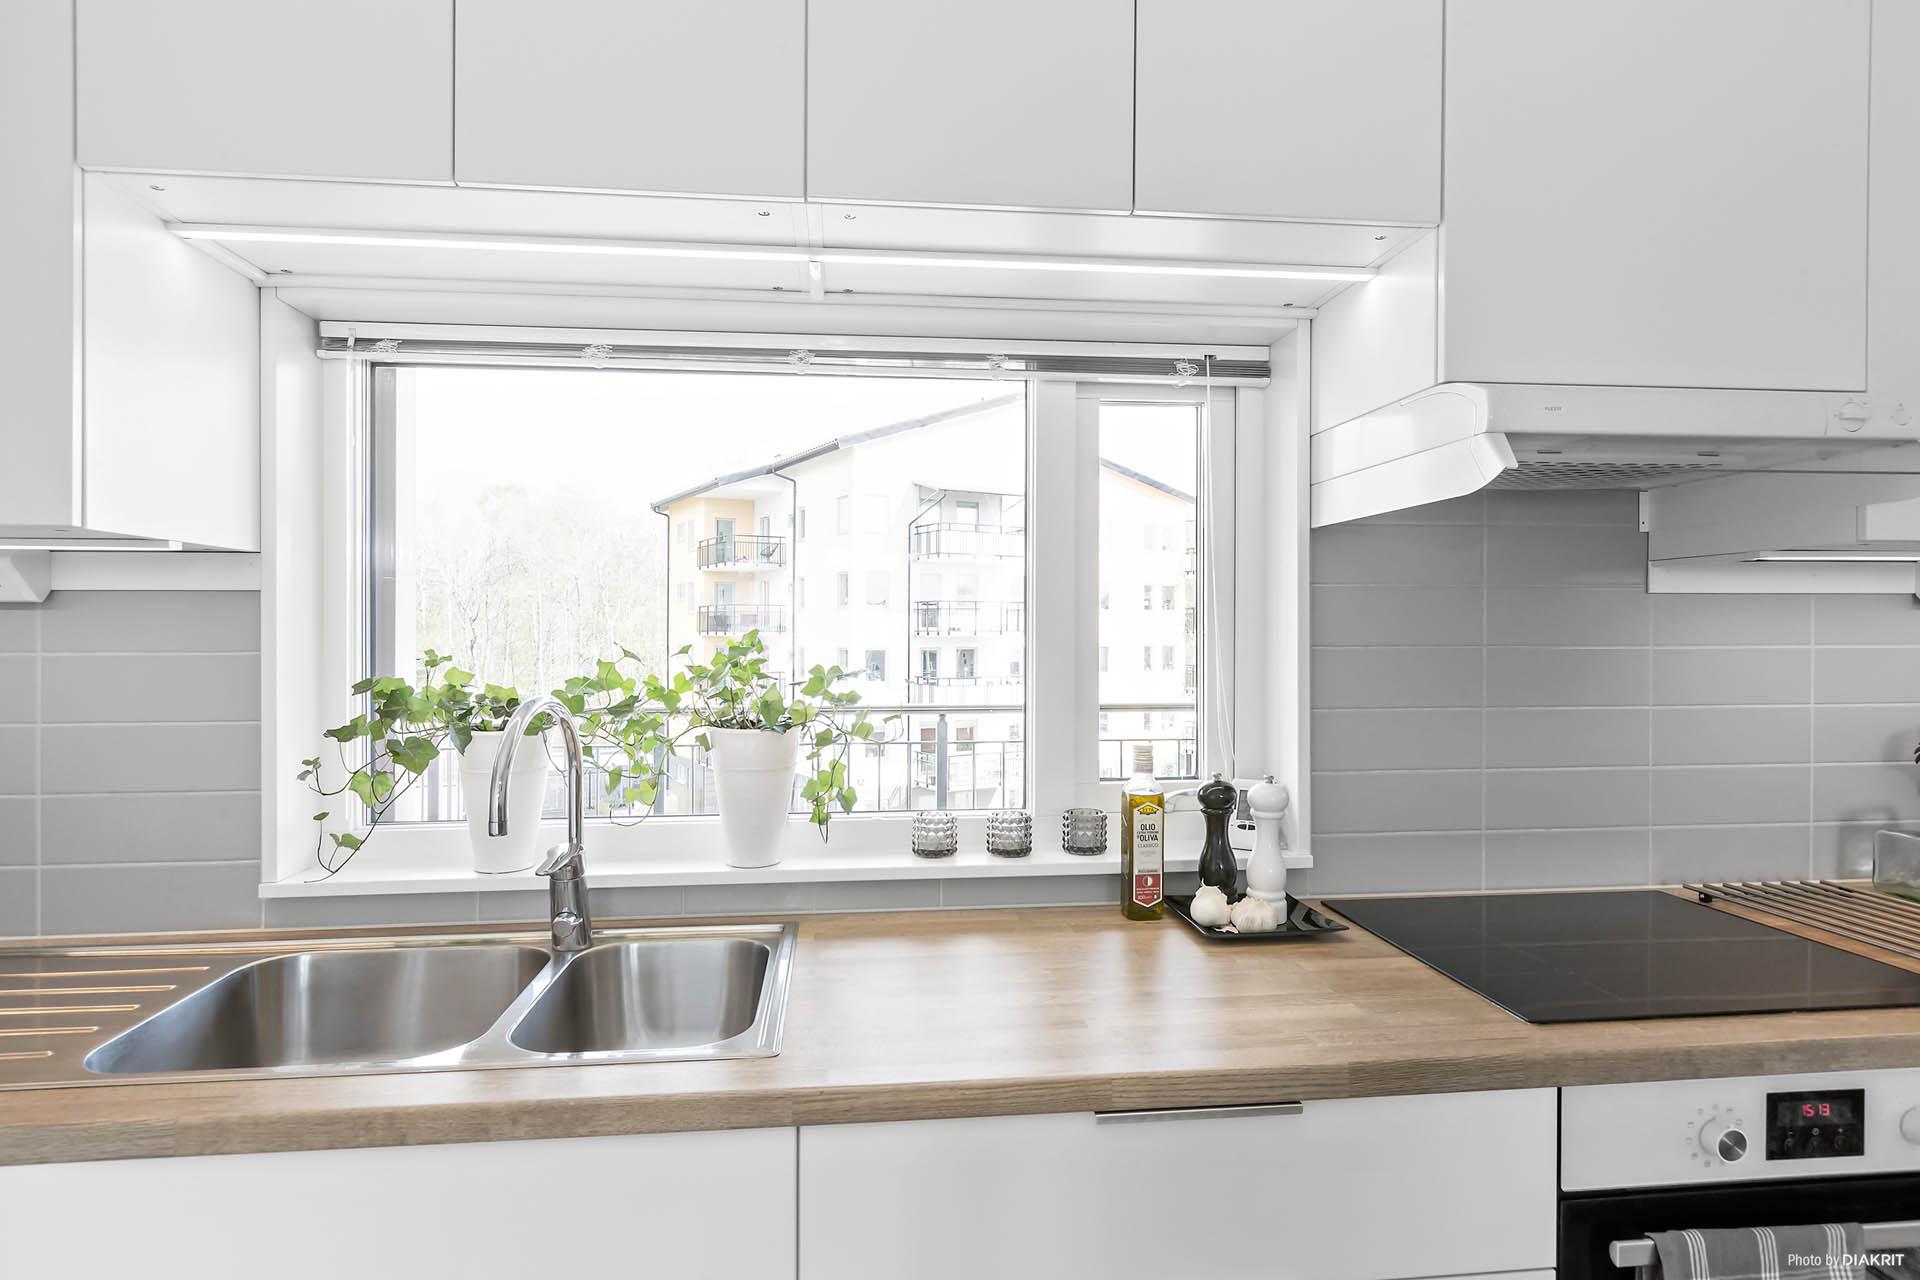 Bra ljusinsläpp från fönster ovan köksbänk